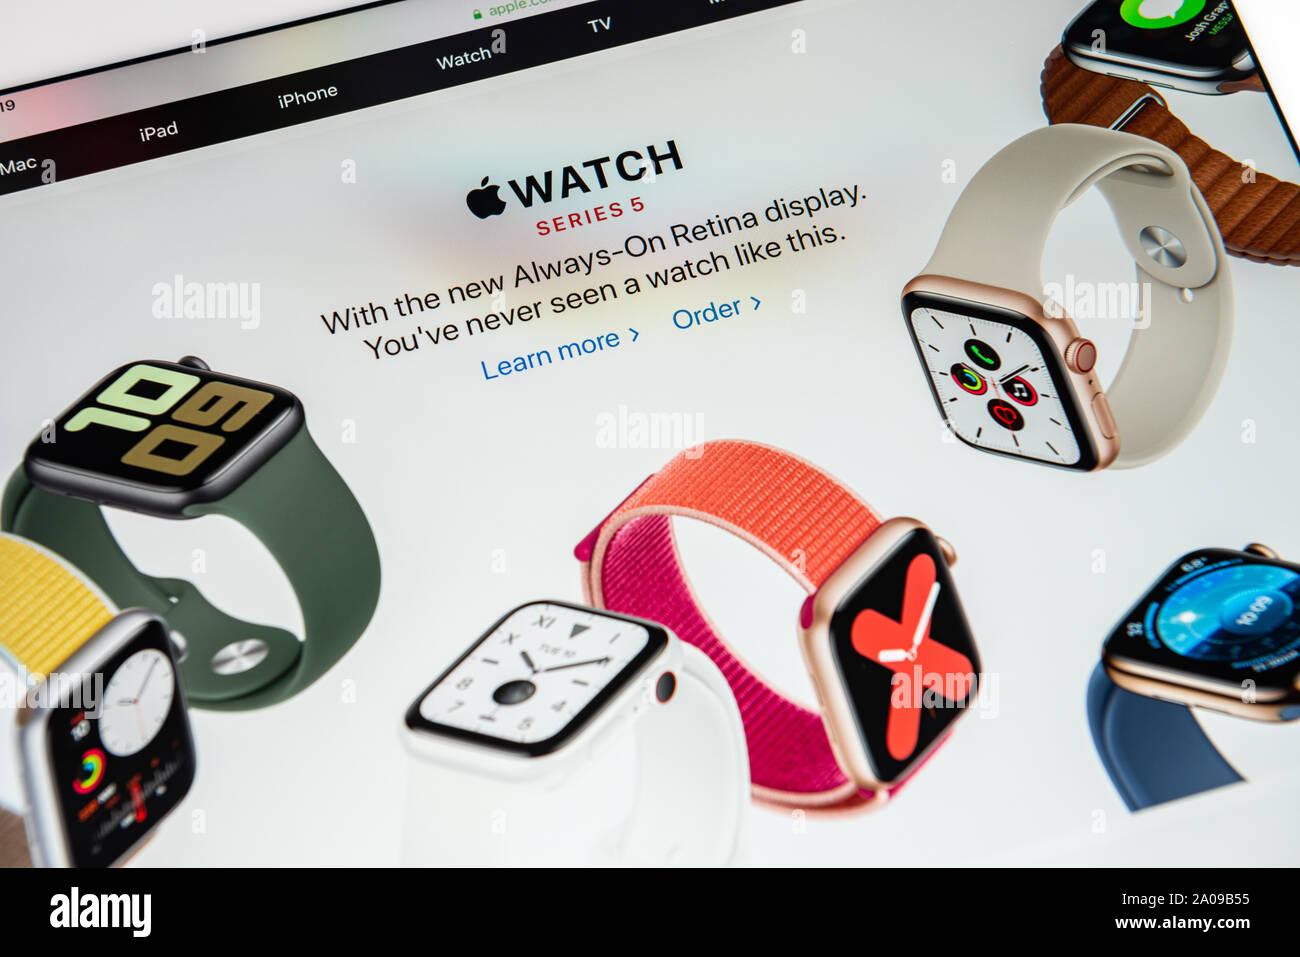 Kiev, Ukraine - le 19 septembre 2019: un gros plan du site apple.com avec une annonce à propos de Apple Inc. publié officiellement l'Apple Watch Ser Banque D'Images